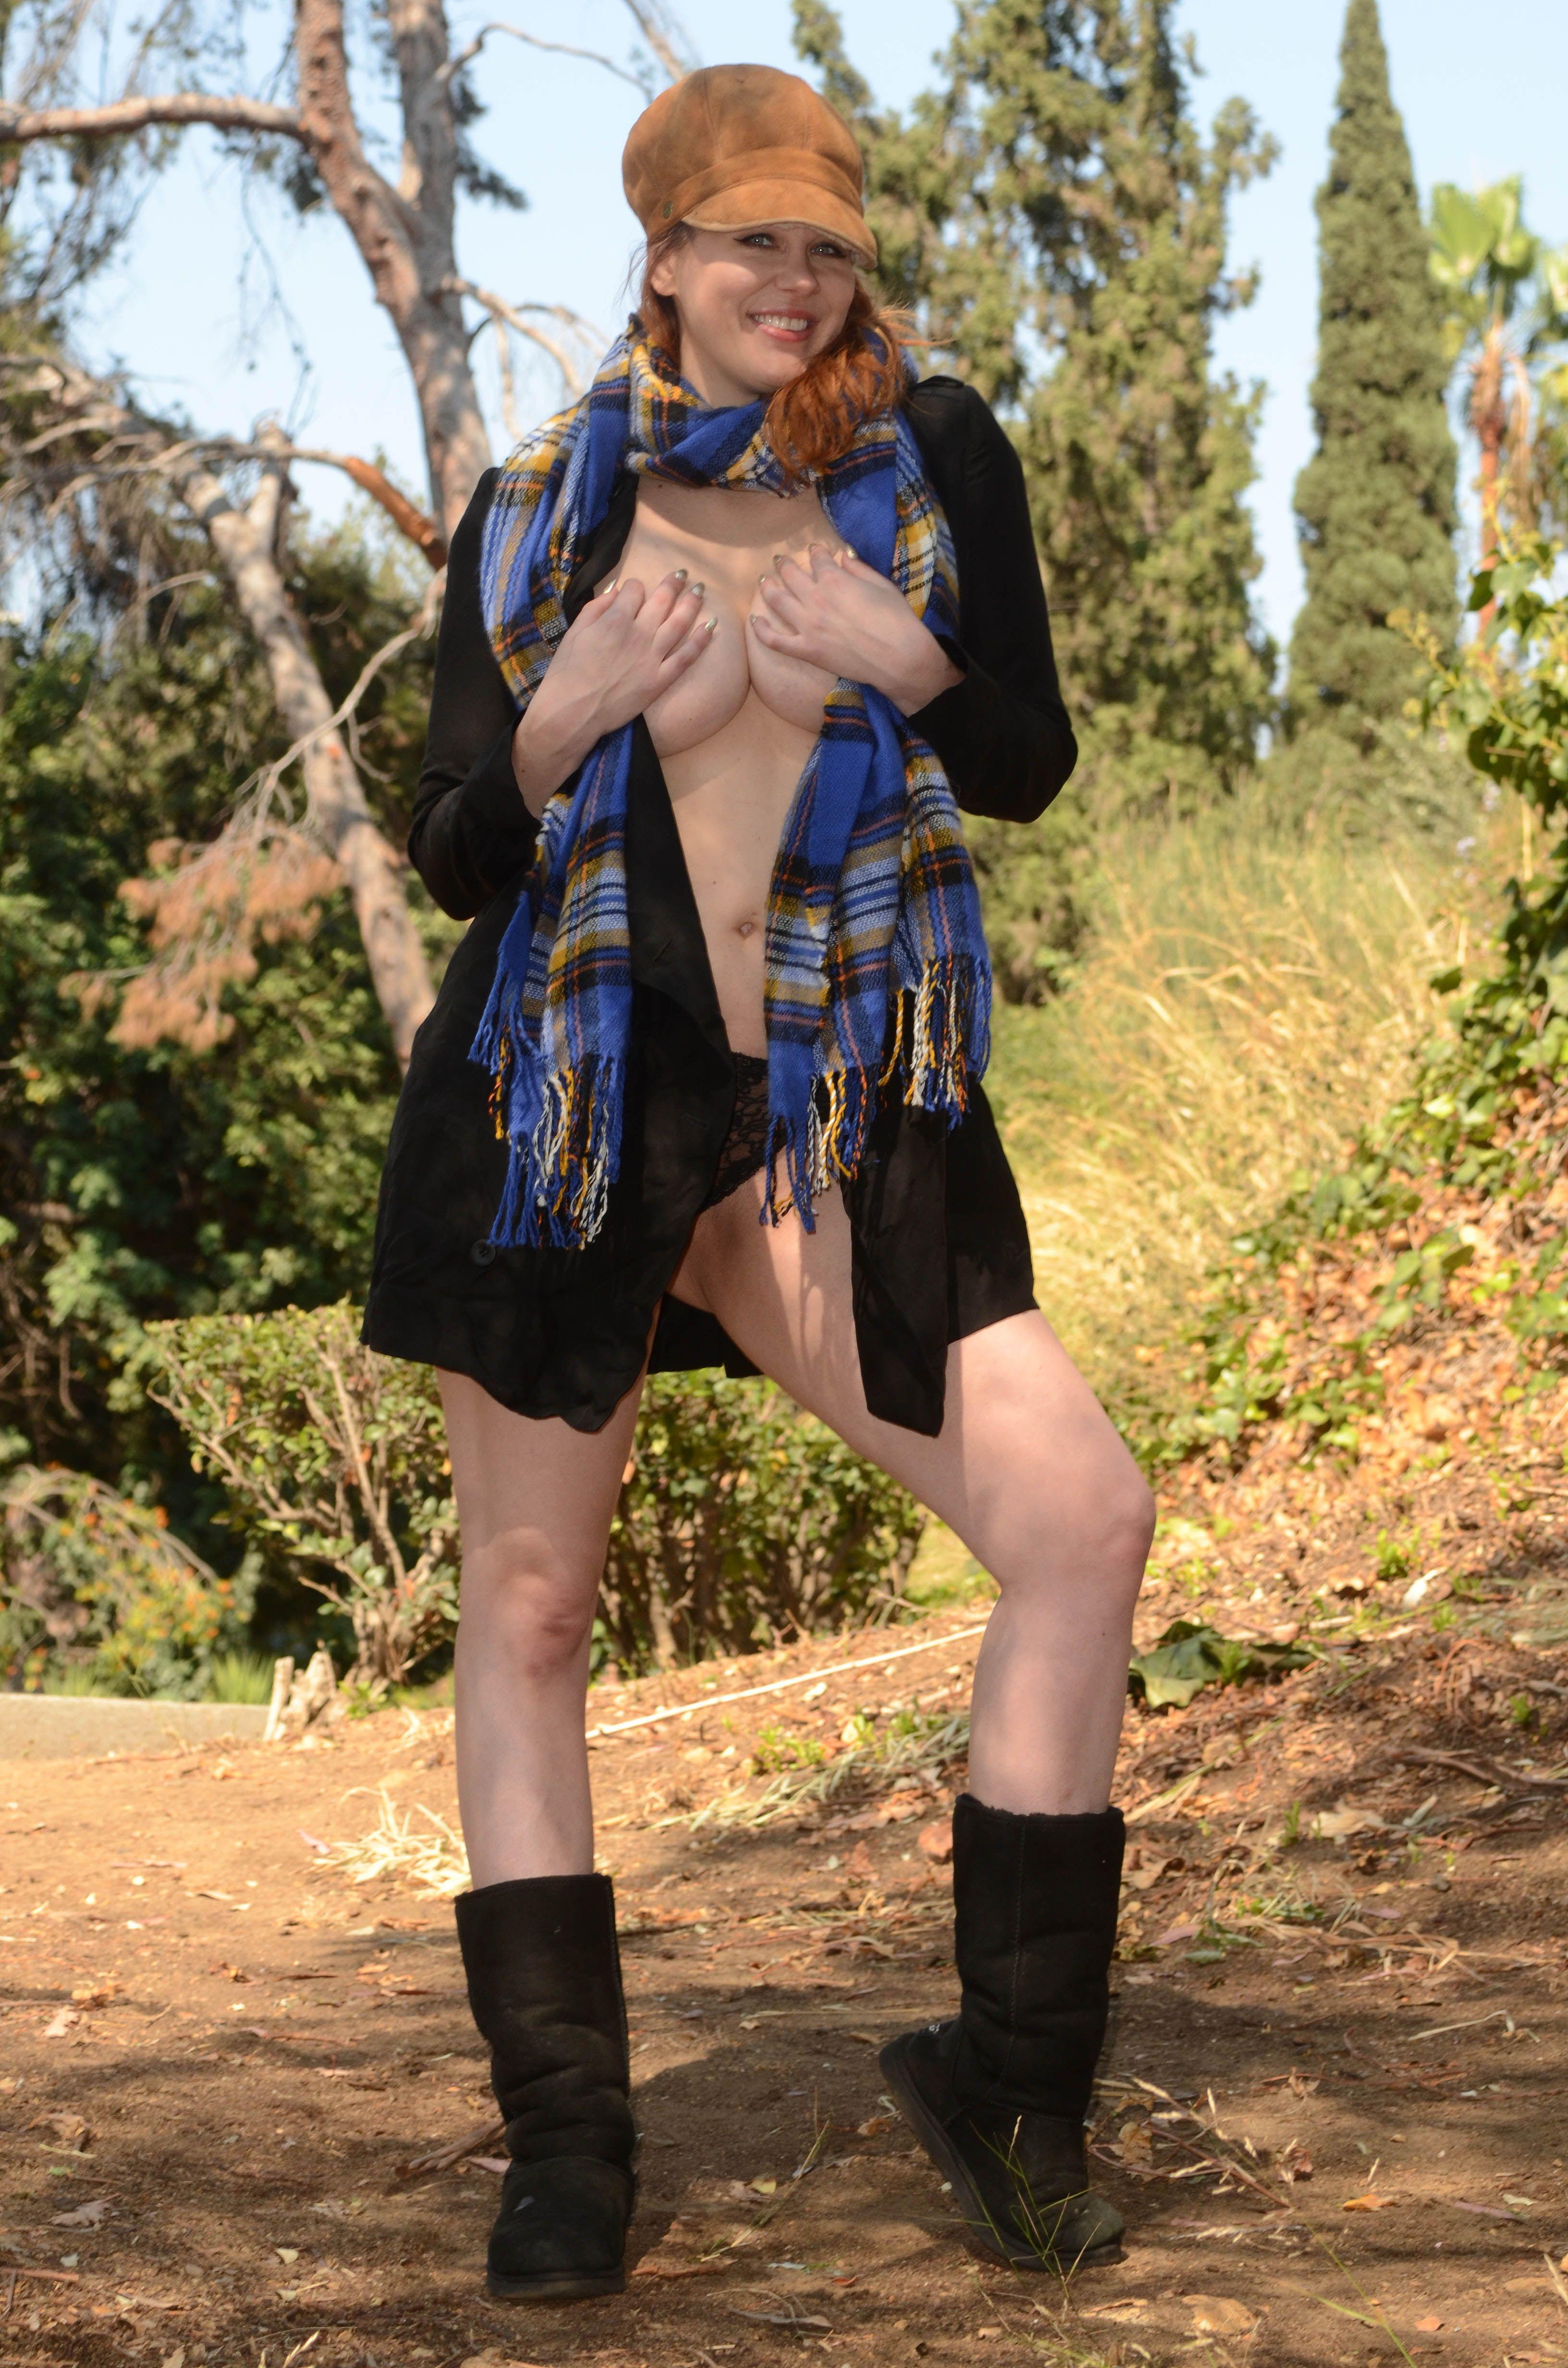 Maitland Ward leaked nude